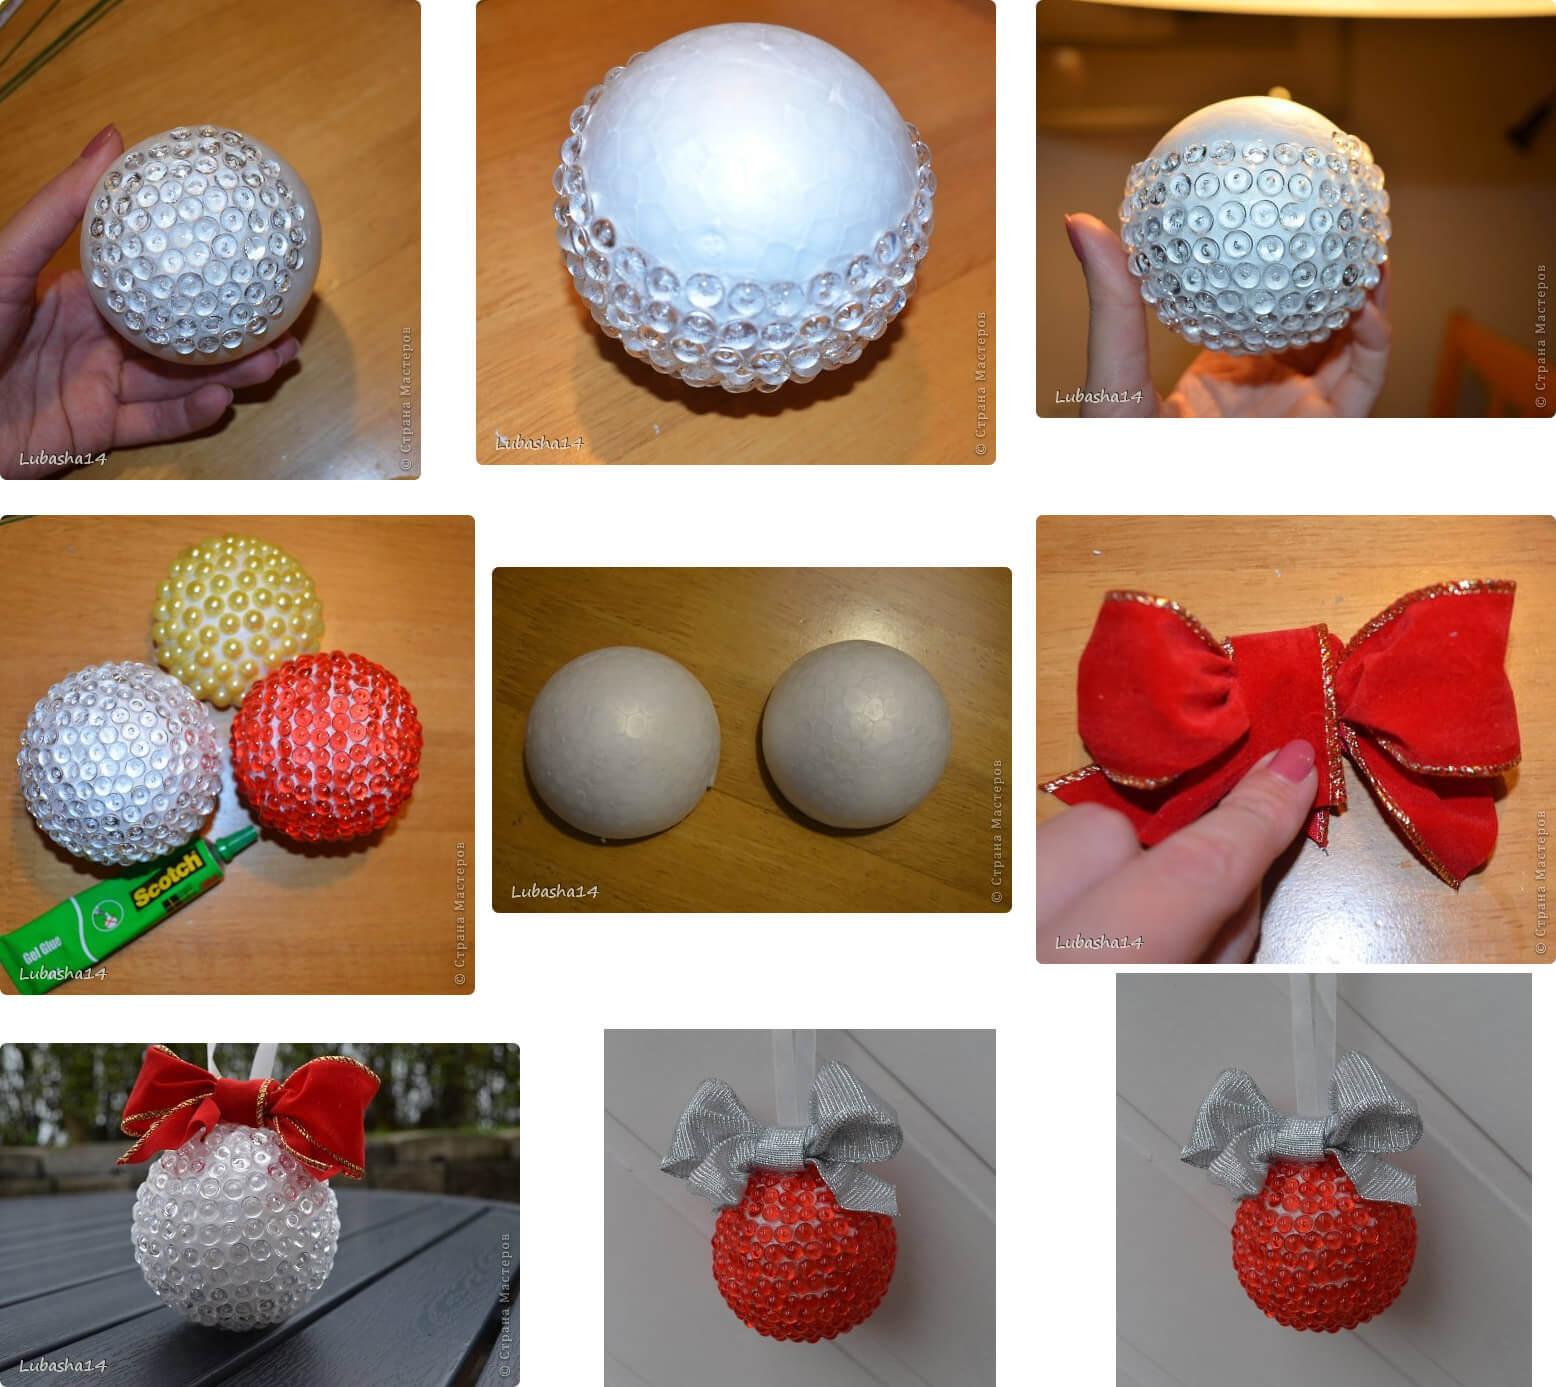 ?создаем волшебство своими руками, или 35 идей украшения новогодних шаров